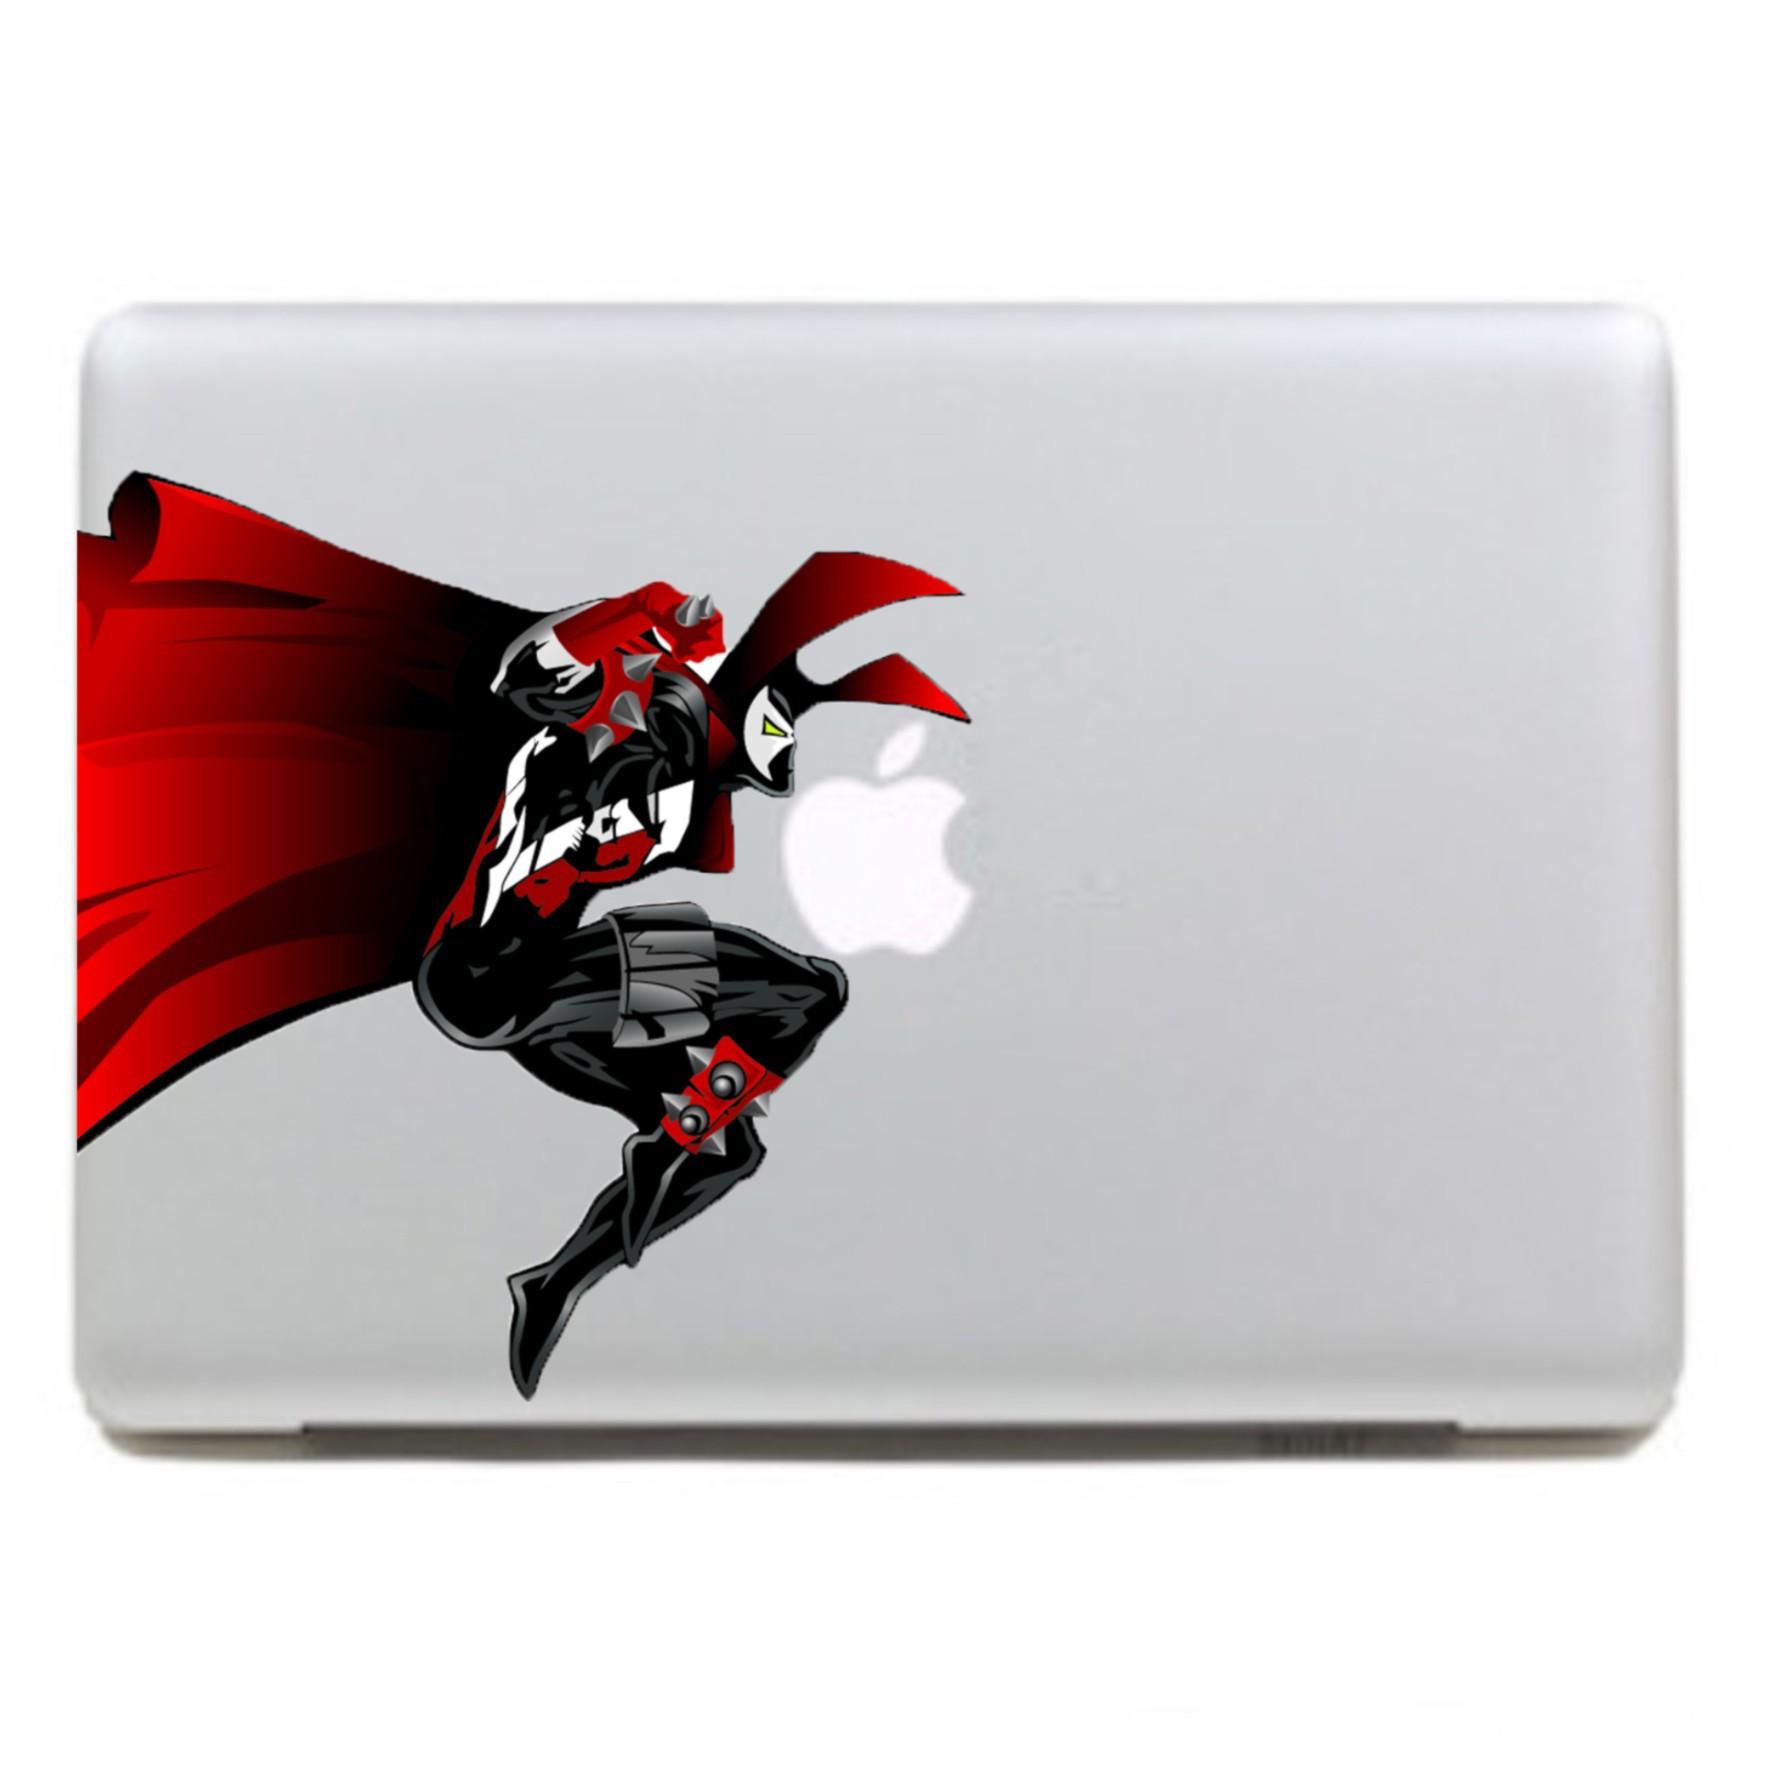 贴膜4s手机手机_贴膜5s听筒_贴膜4苹果手机彩苹果苹果苹果电流声图片